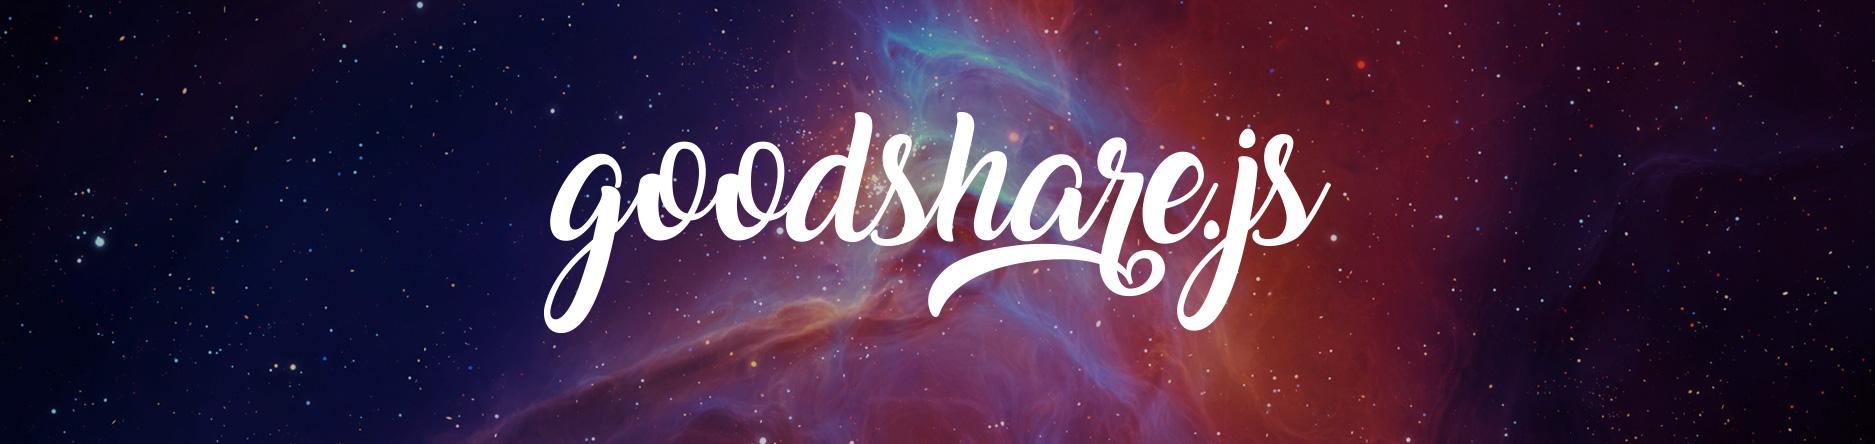 goodshare.js logo